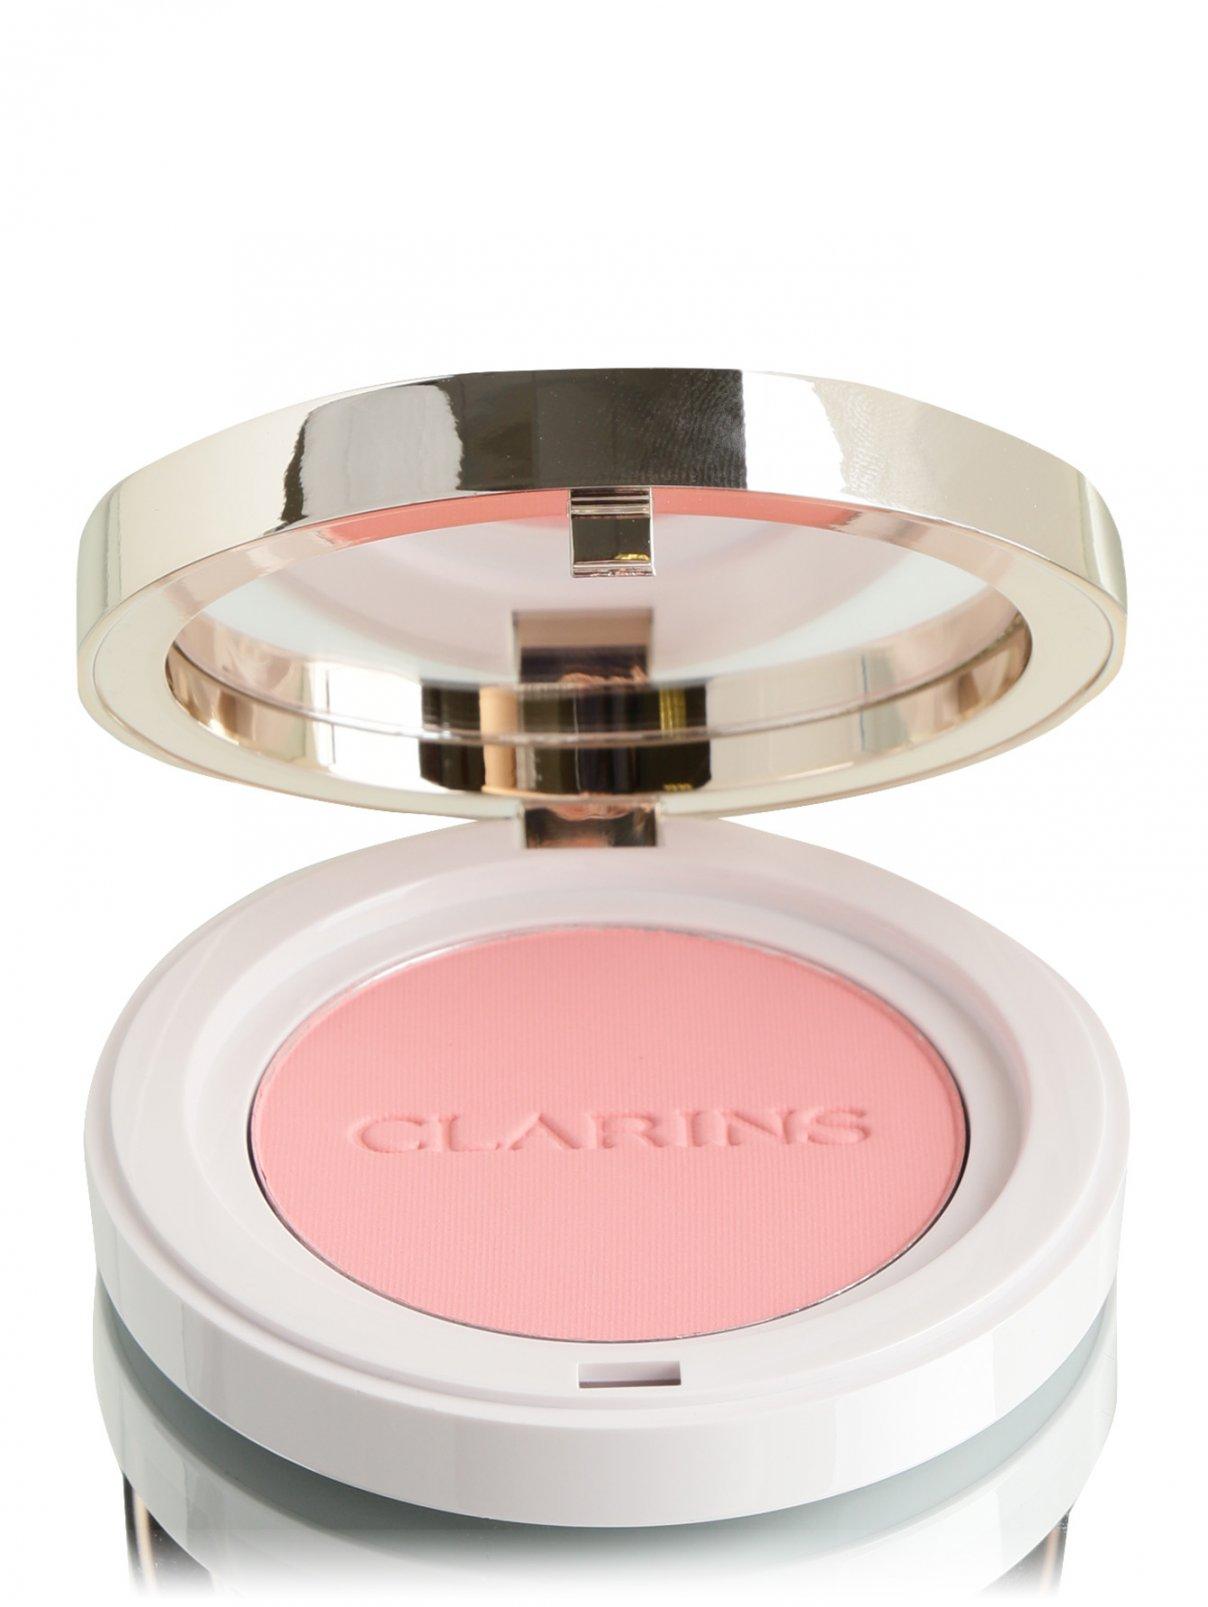 Румяна Clarins  –  Общий вид